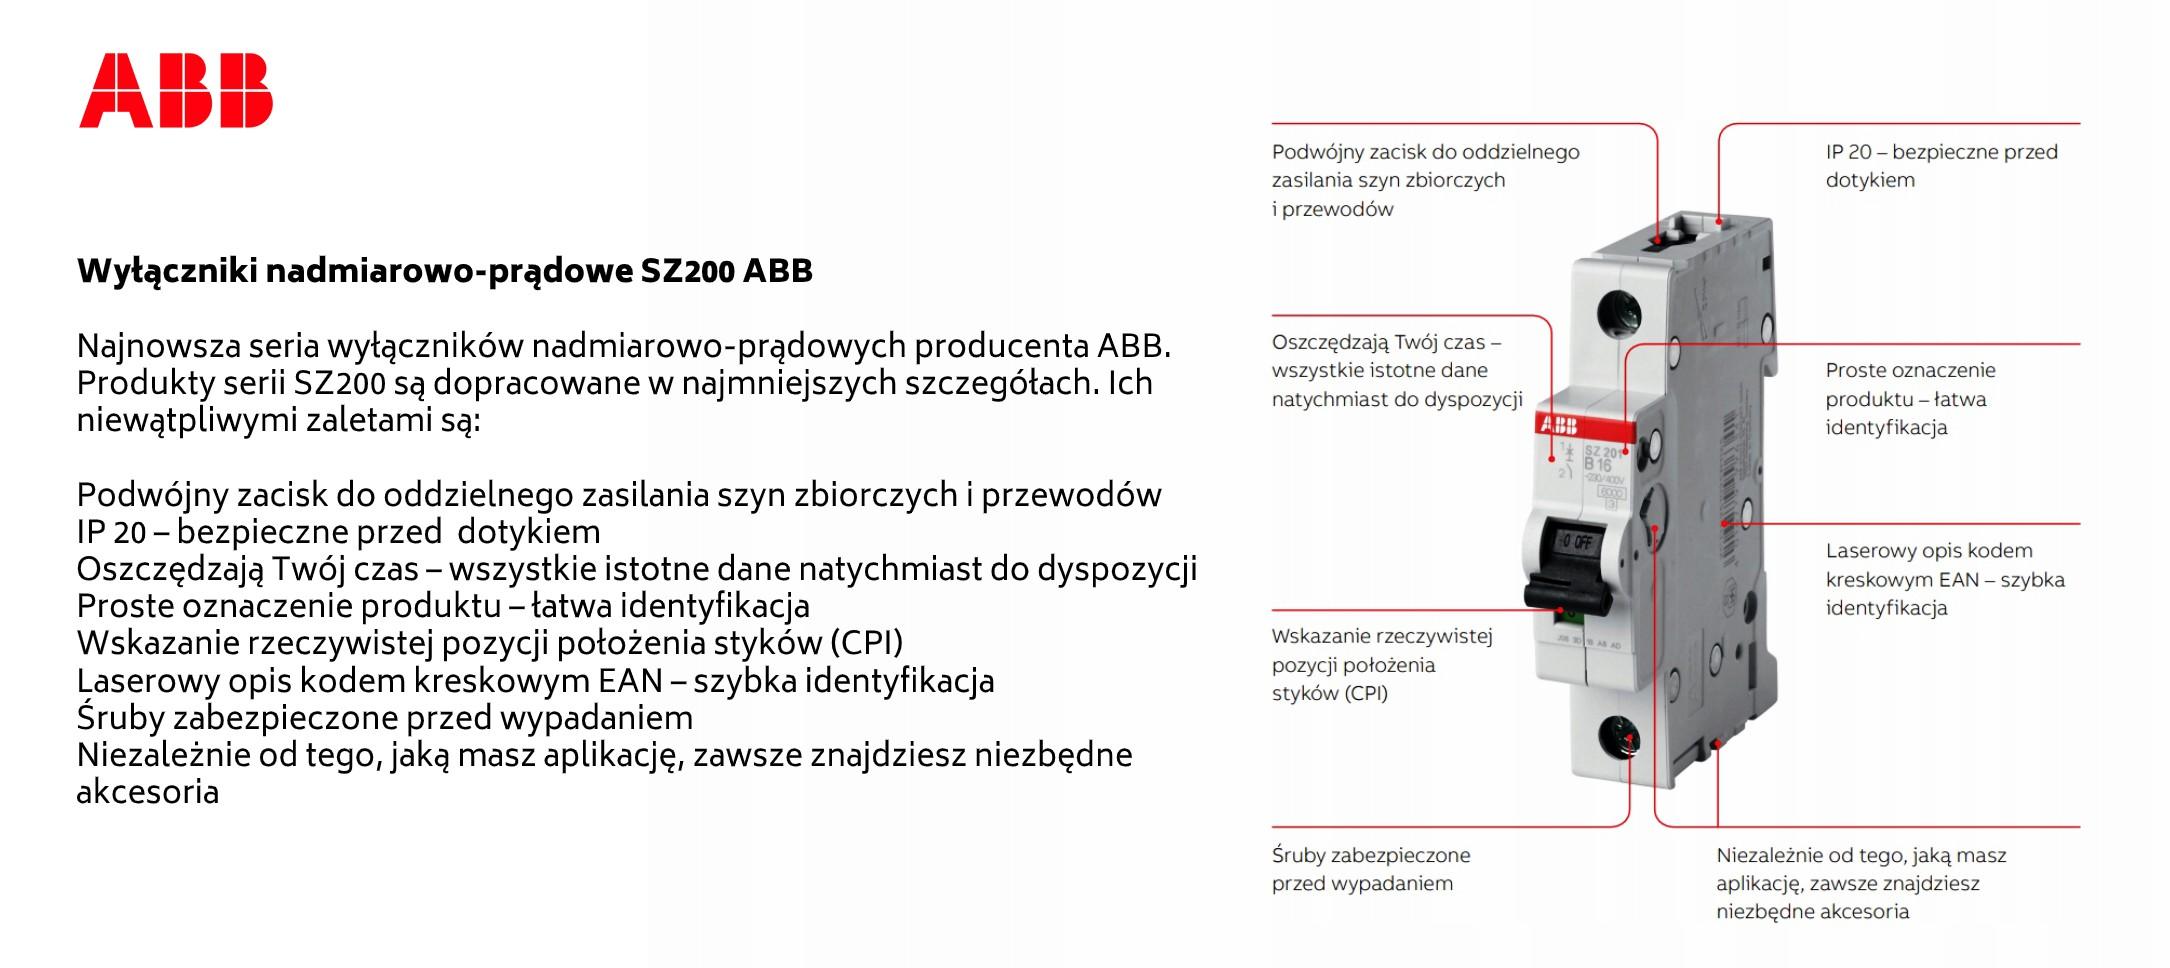 Abb SZ201 - prezentacja serii [link do bloga]